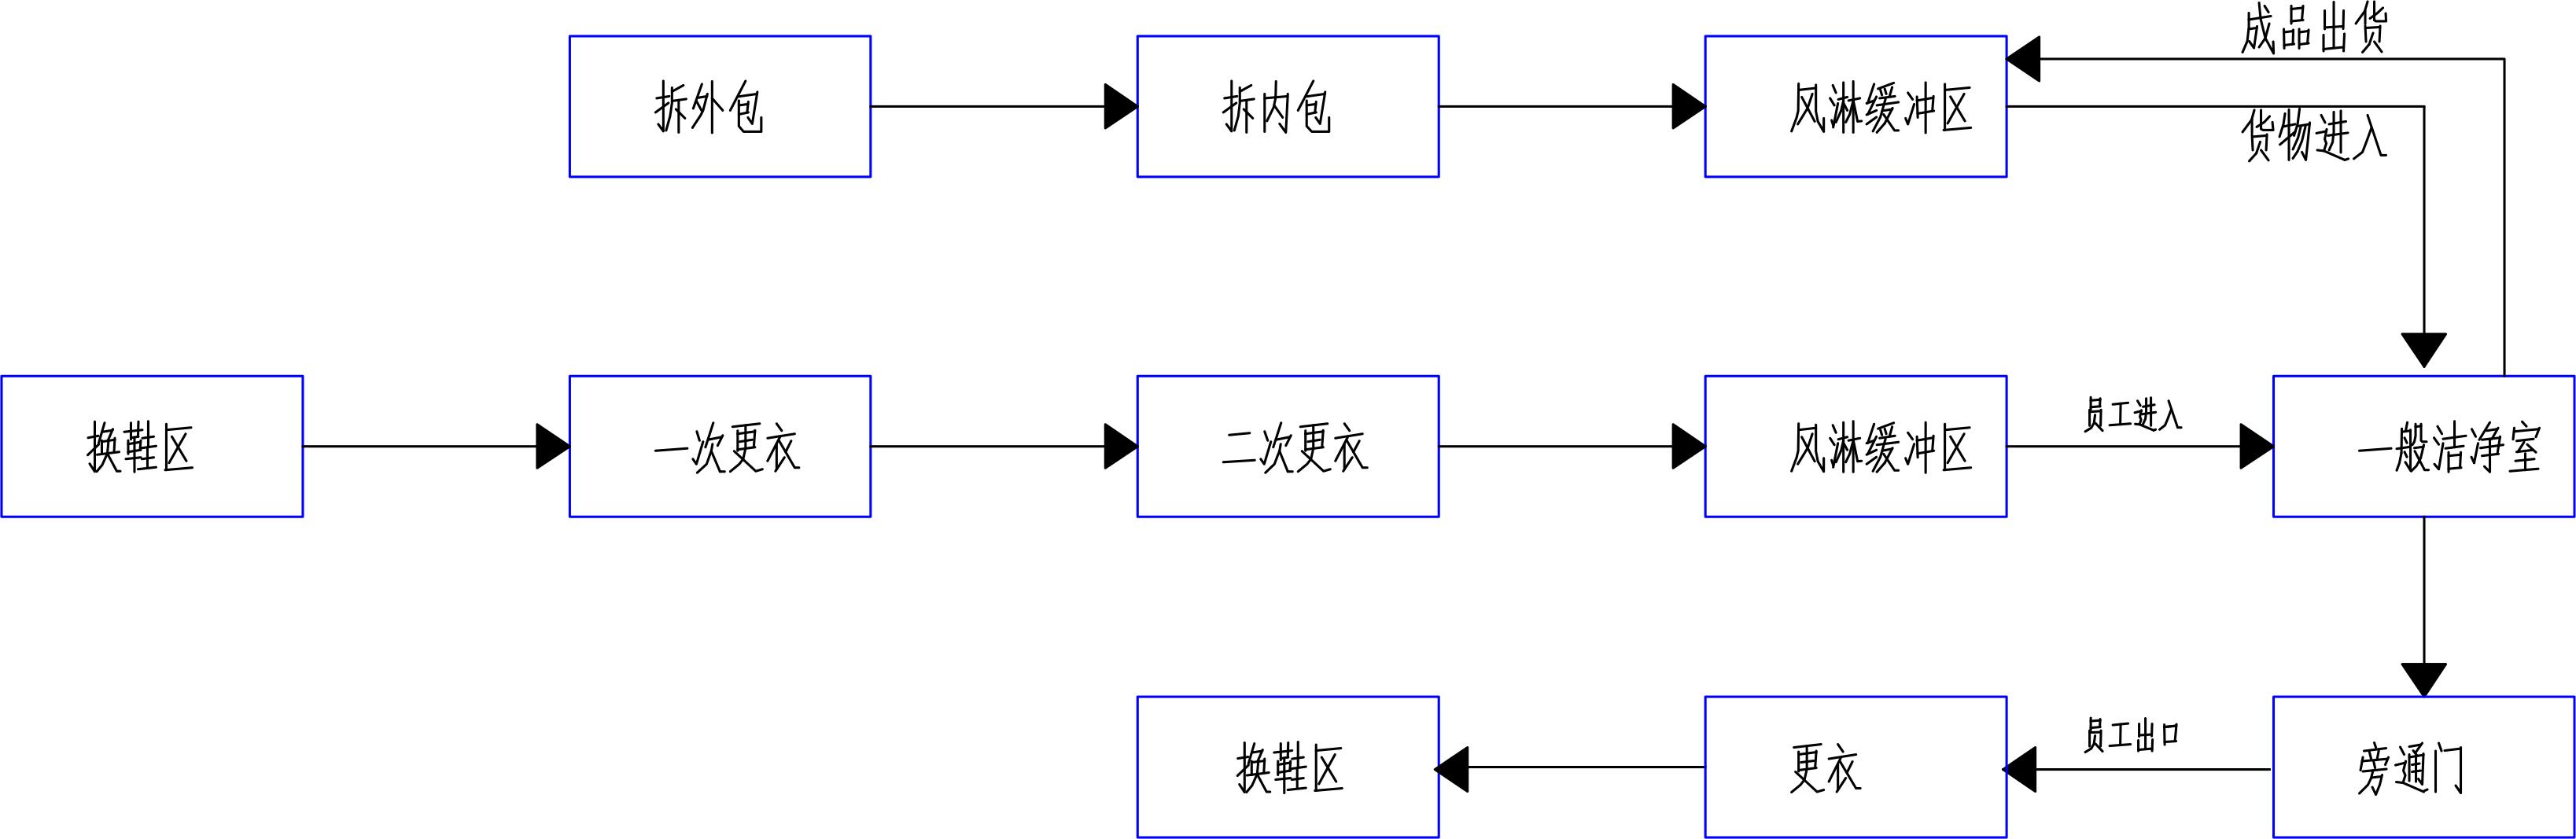 图纸-111.jpg